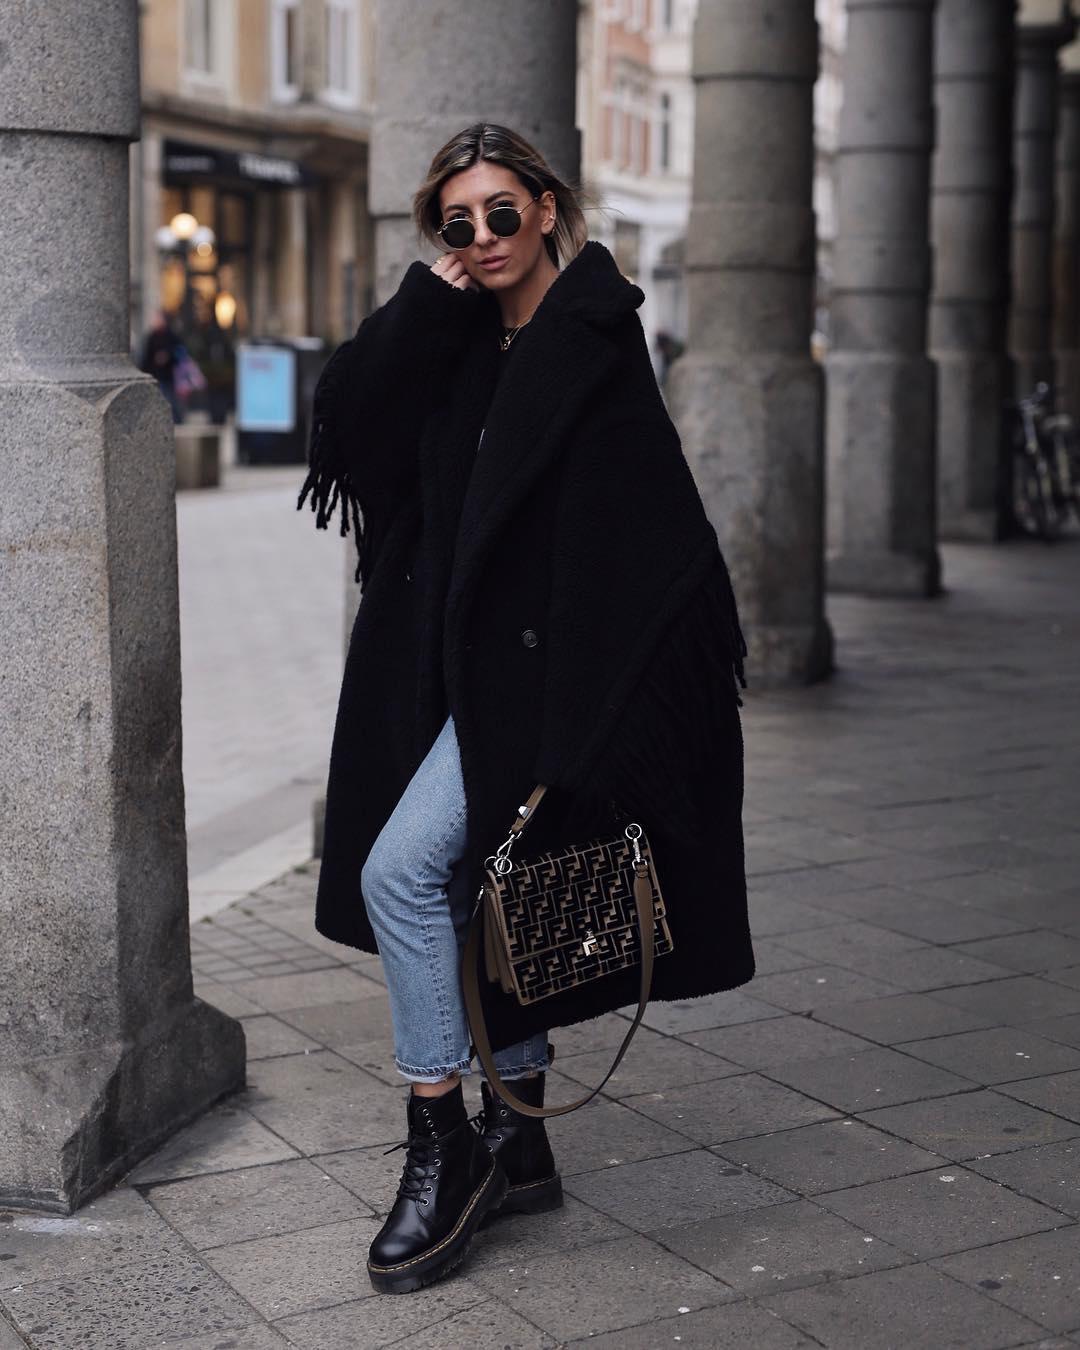 с чем носить джинсы зимой фото 9